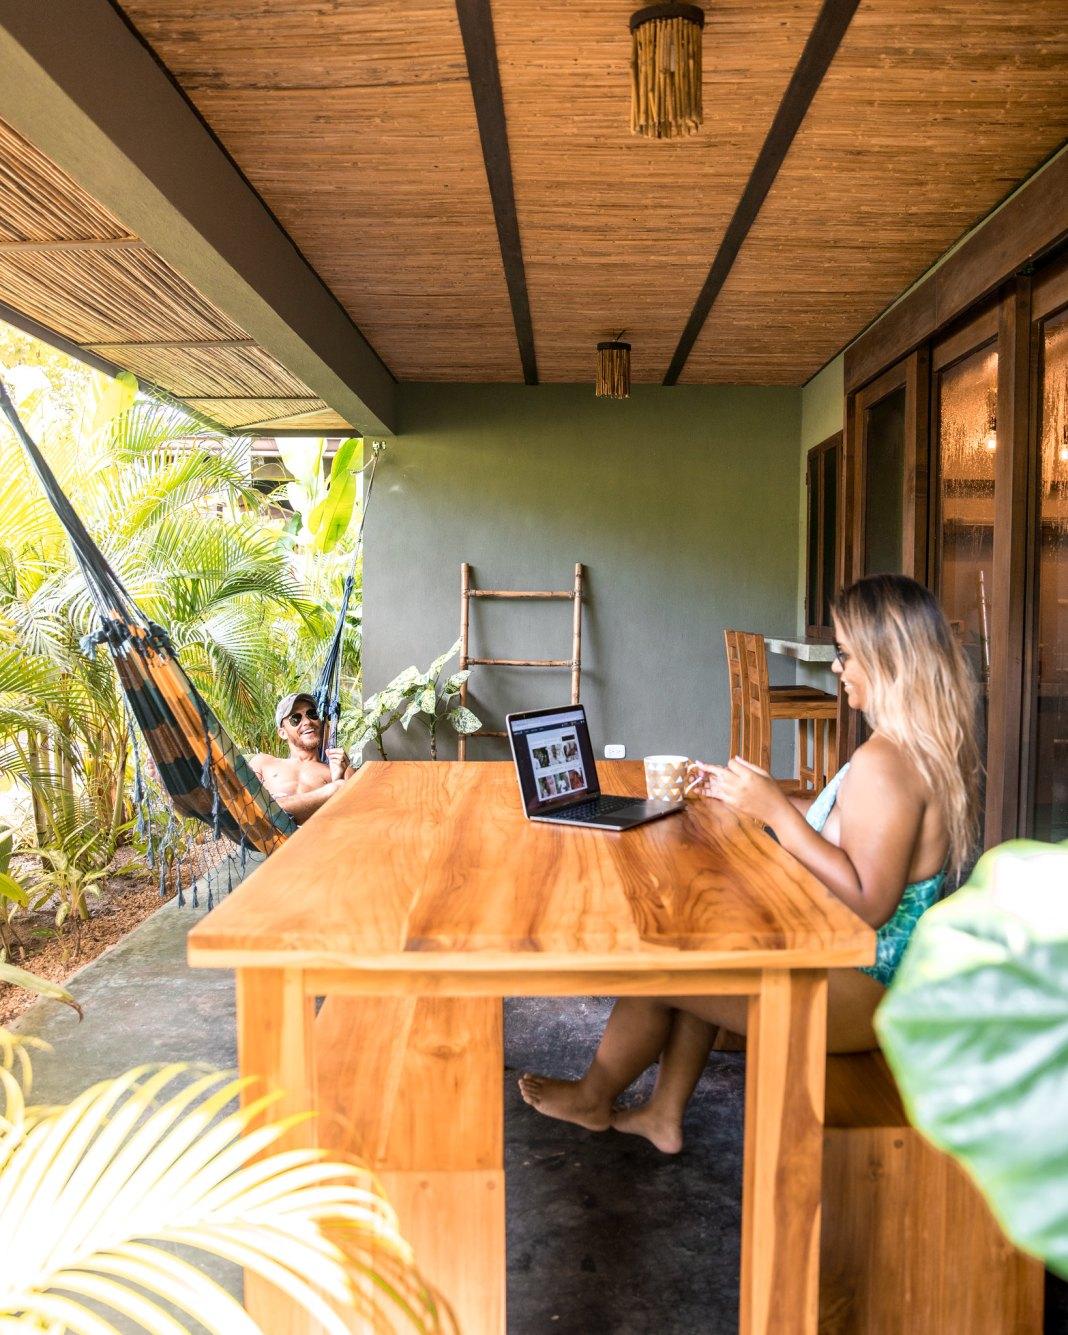 Rosetta Stone Spanish Costa Rica